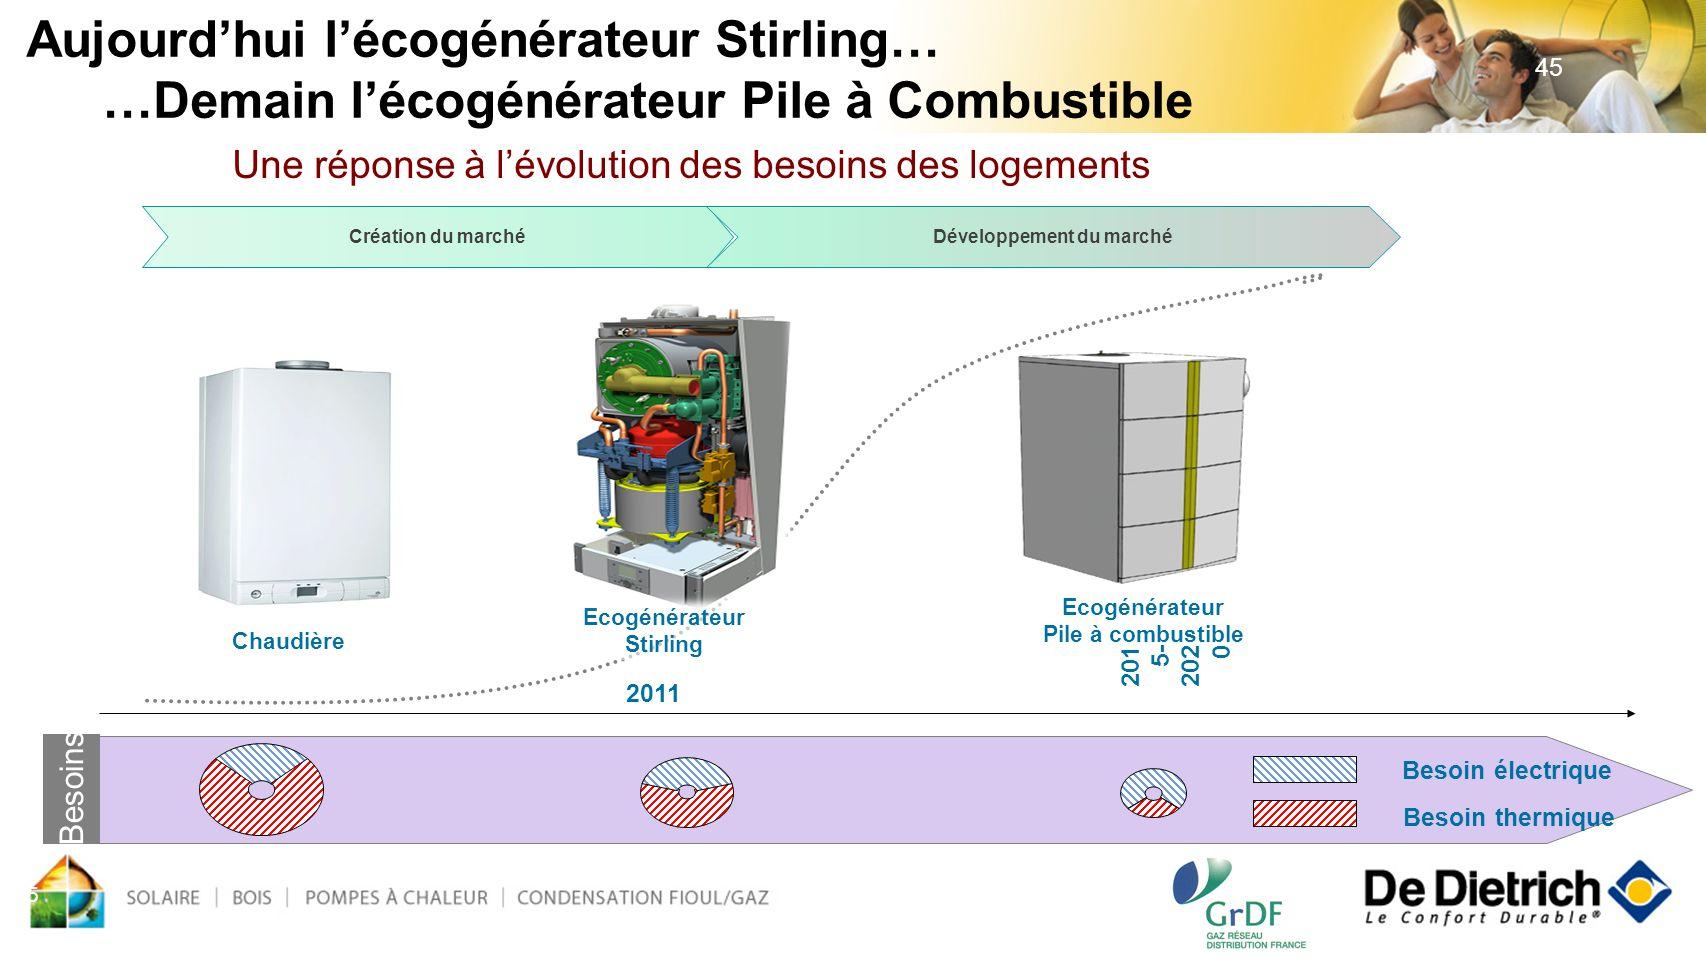 45 2011 201 5- 202 0 Besoins Chaudière Création du marchéDéveloppement du marché Ecogénérateur Stirling Ecogénérateur Pile à combustible Besoin thermi